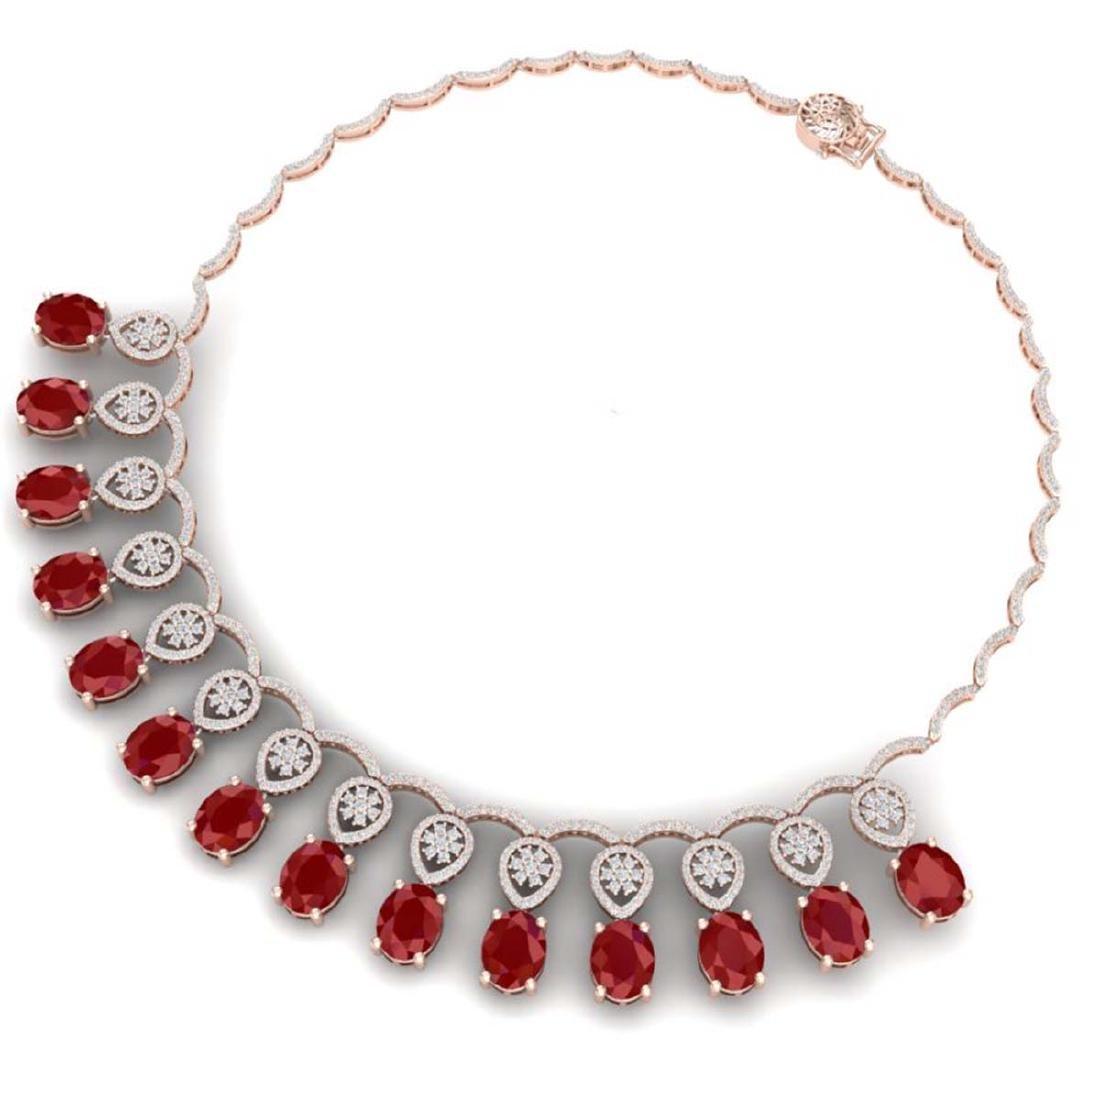 54.05 CTW Royalty Ruby & VS Diamond Necklace 18K Rose - 3